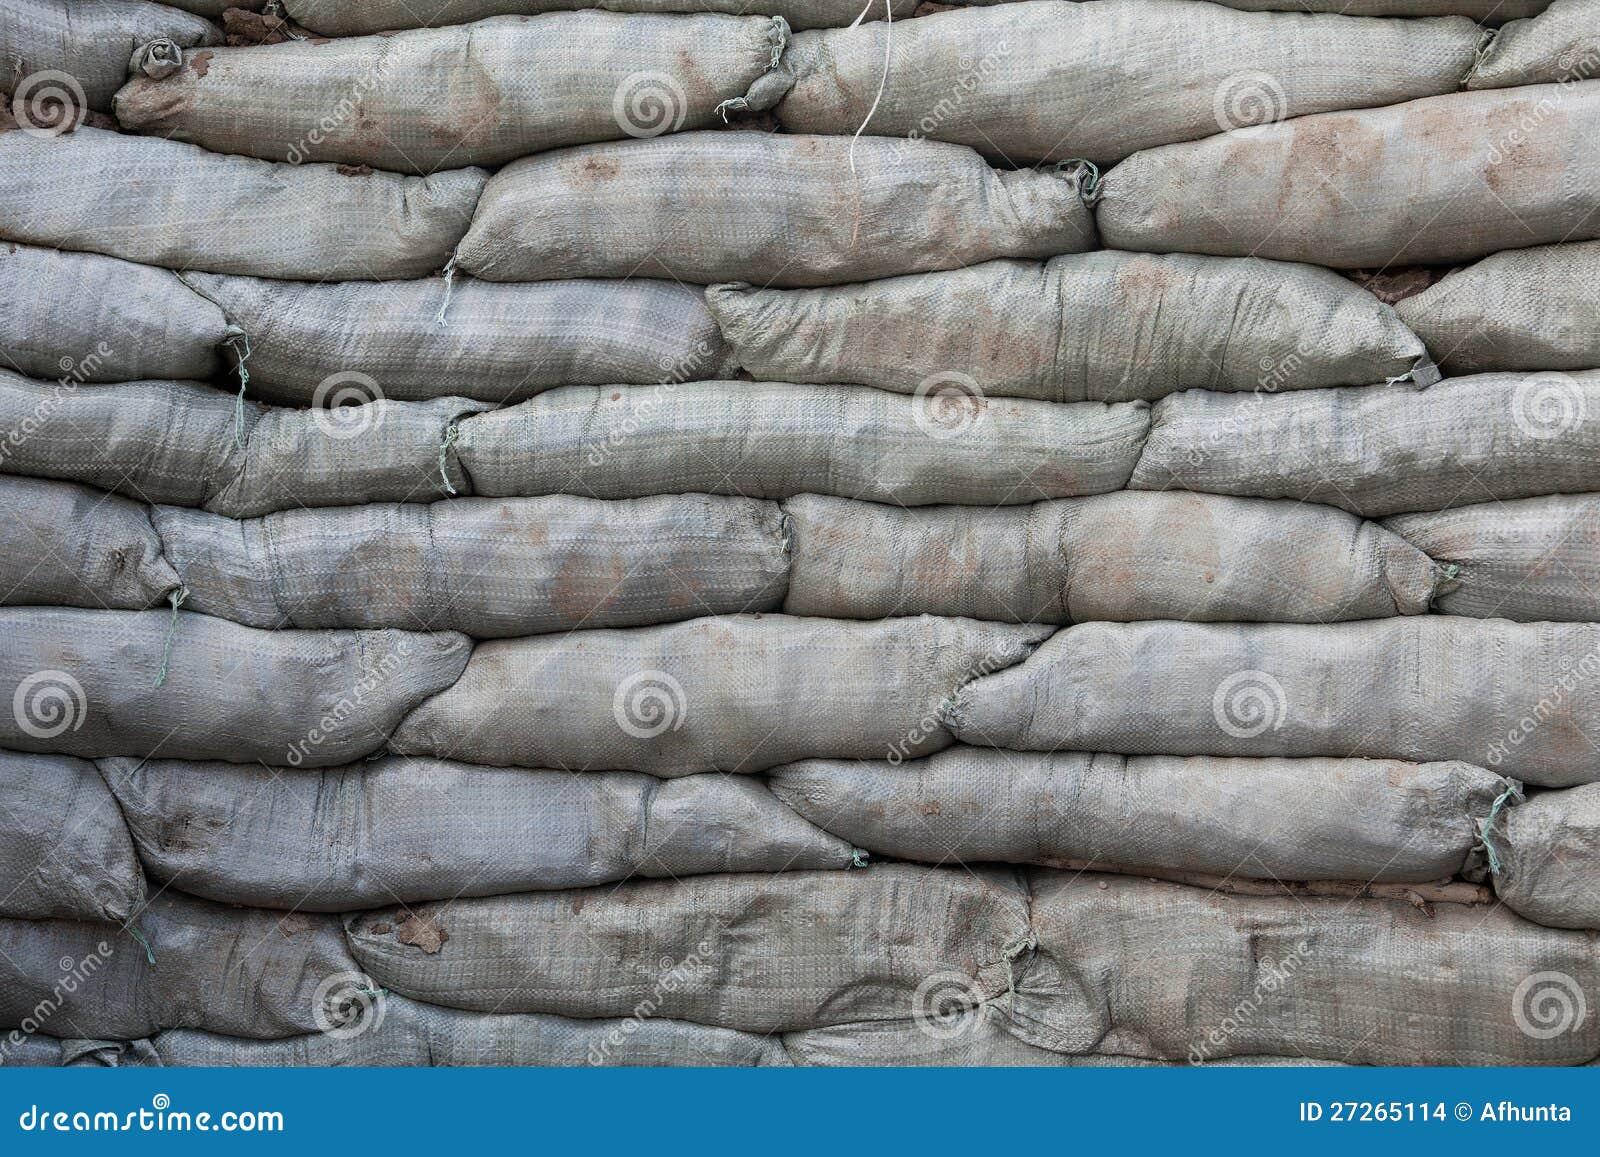 Sacs de sable pour la protection d 39 inondation images stock image 27265114 - Sac de sable inondation ...